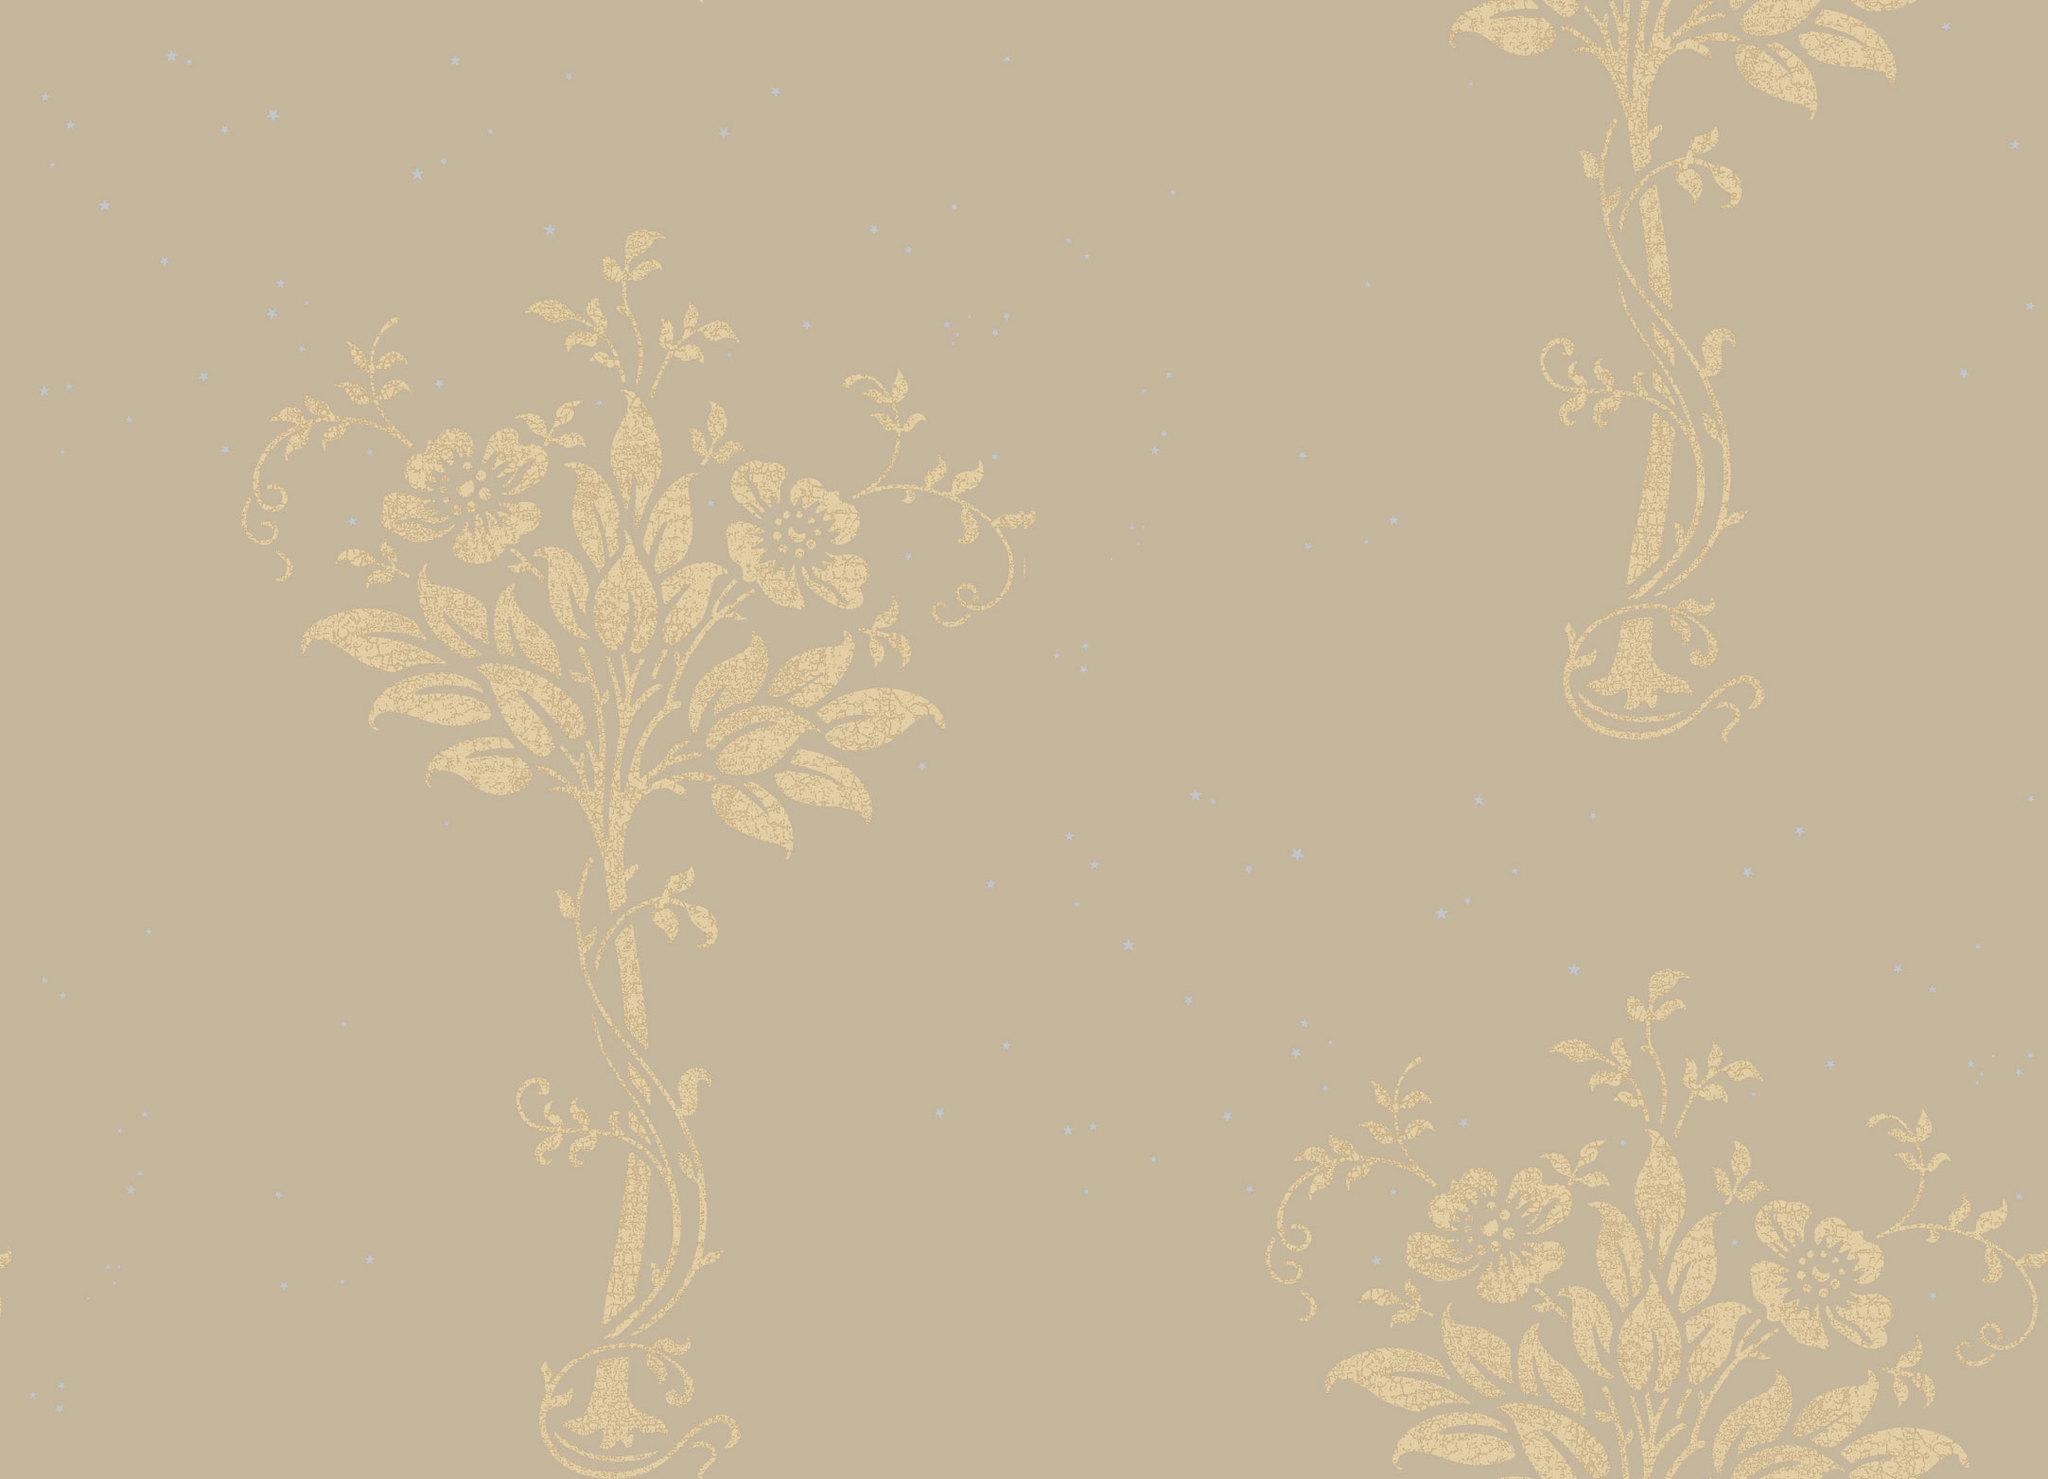 Обои Cole & Son Collection of Flowers 81/7028, интернет магазин Волео